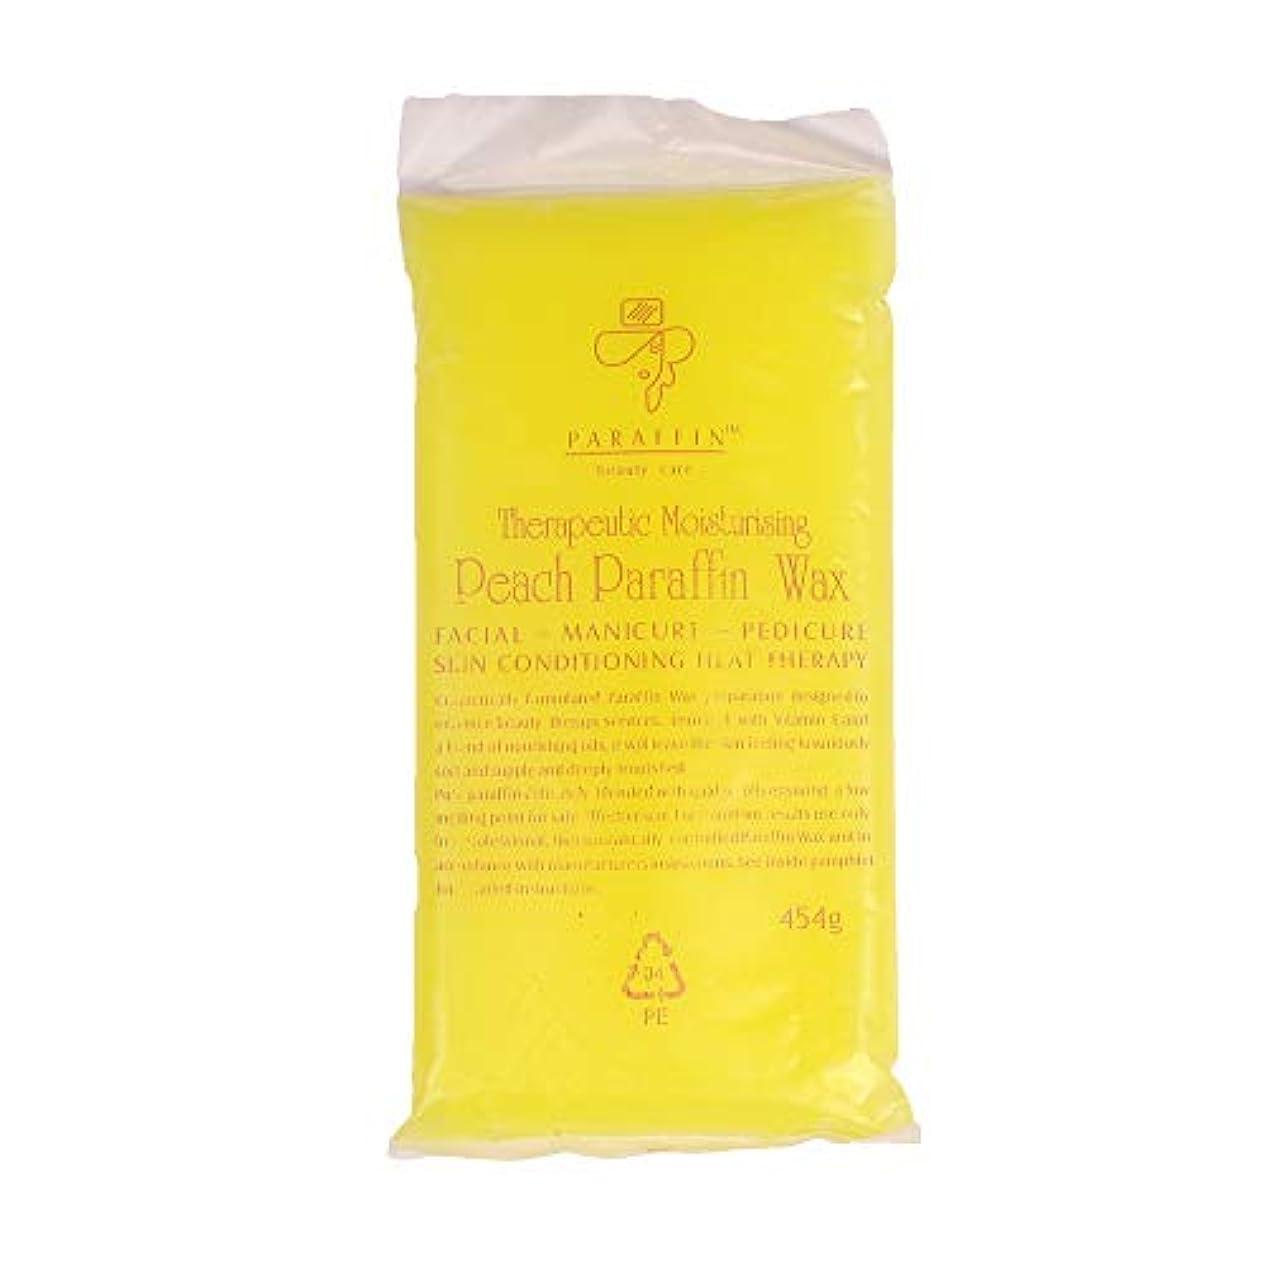 吸う舌魂パラフィンワックス 454g (レモン) パラフィンパック パラフィンバス パラフィン エステ フットケア ハンドケア